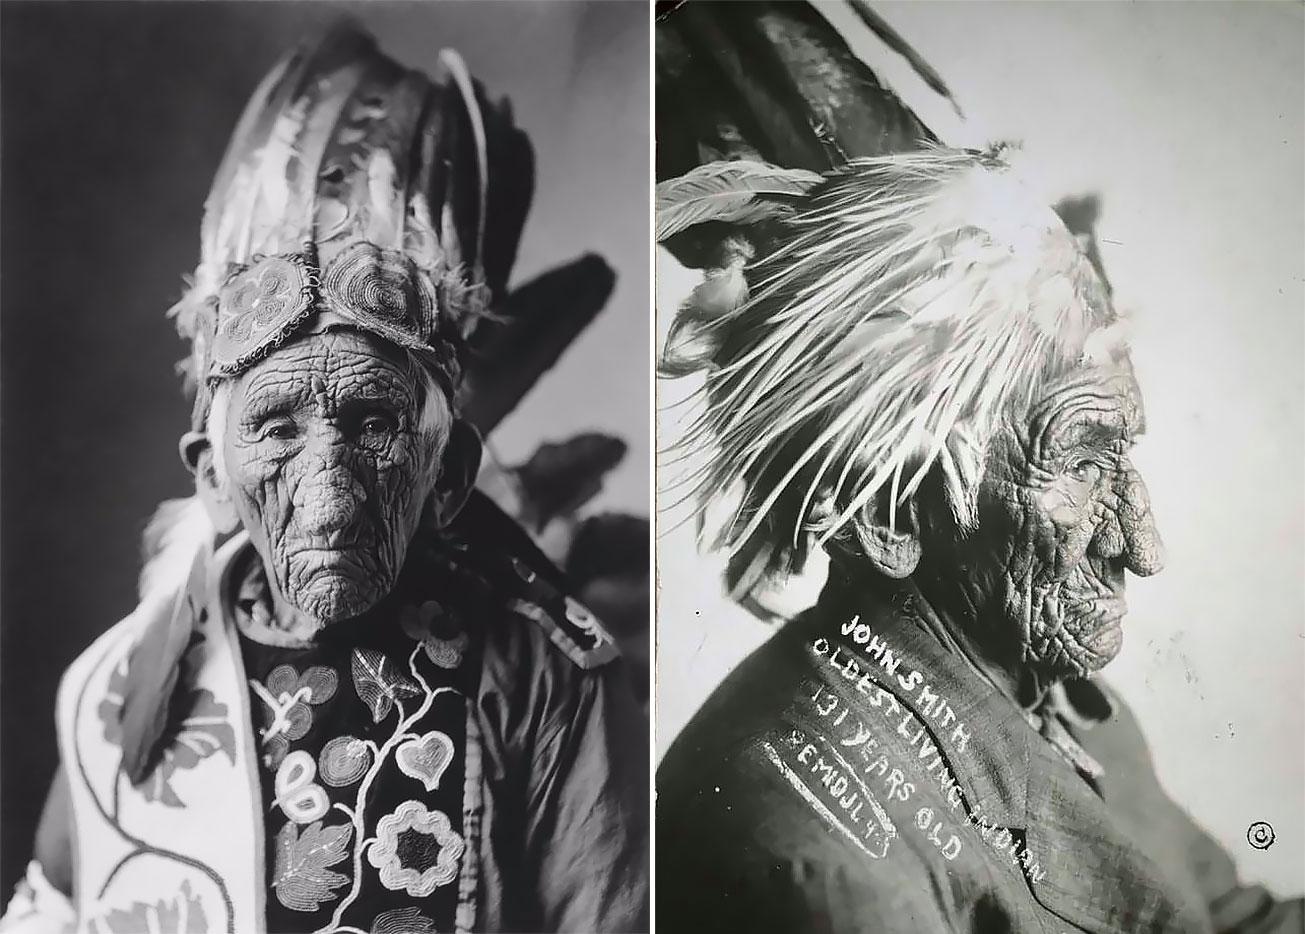 Dožil se 139 let. Seznamte se s nejstarším Indiánem náčelníkem Bílým Vlkem, jaký kdy žil